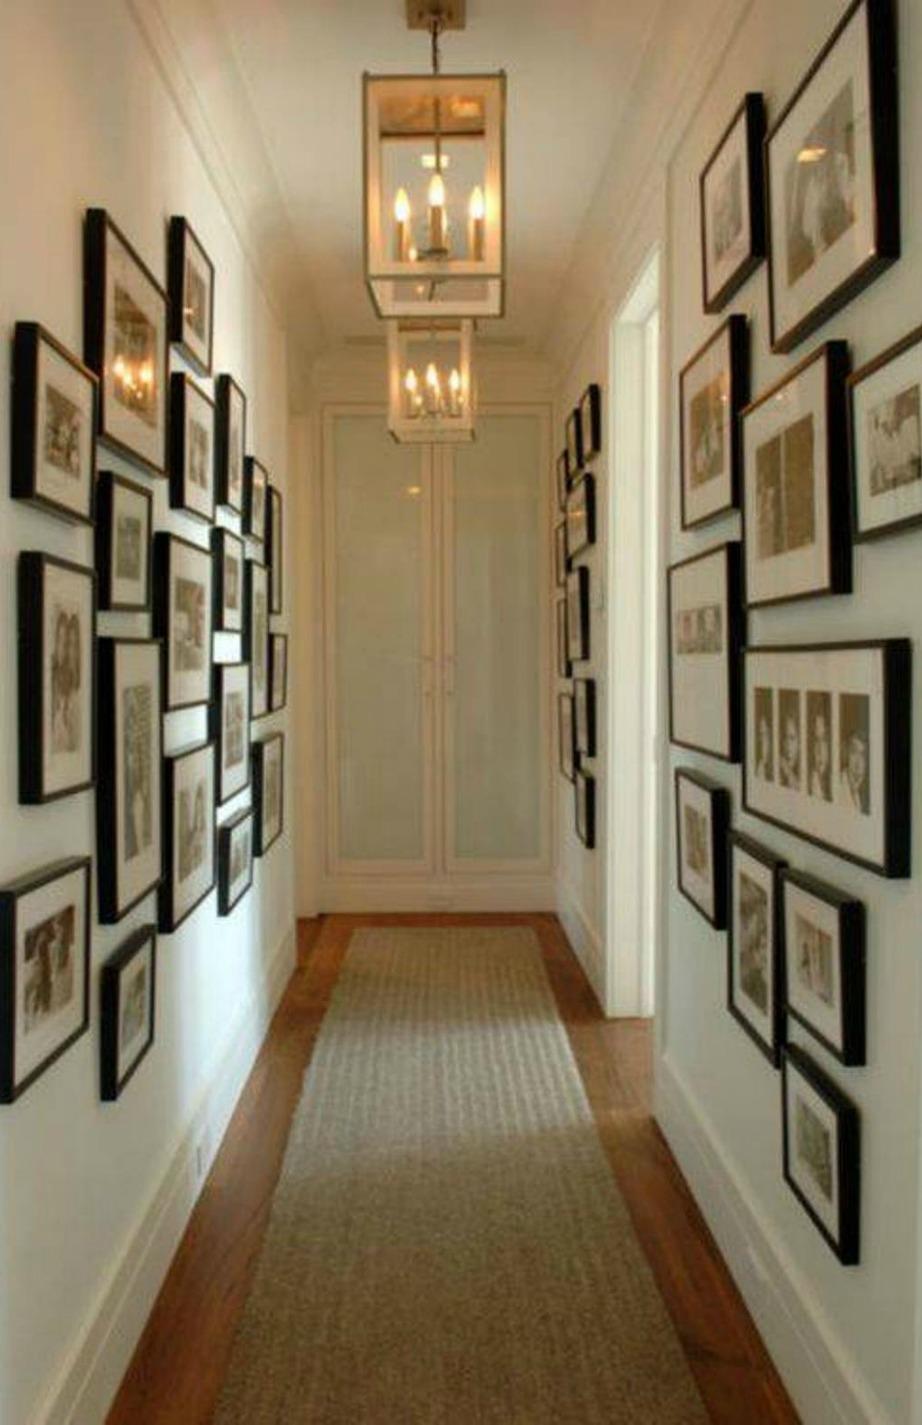 Μπορεί το συγκεκριμένο χολ να μην είναι μικρό αλλά είναι αρκετά στενό. Δίνοντας έμφαση στους τοίχους κατά κάποιο τρόπο η στενότητά του ξεχνιέται.